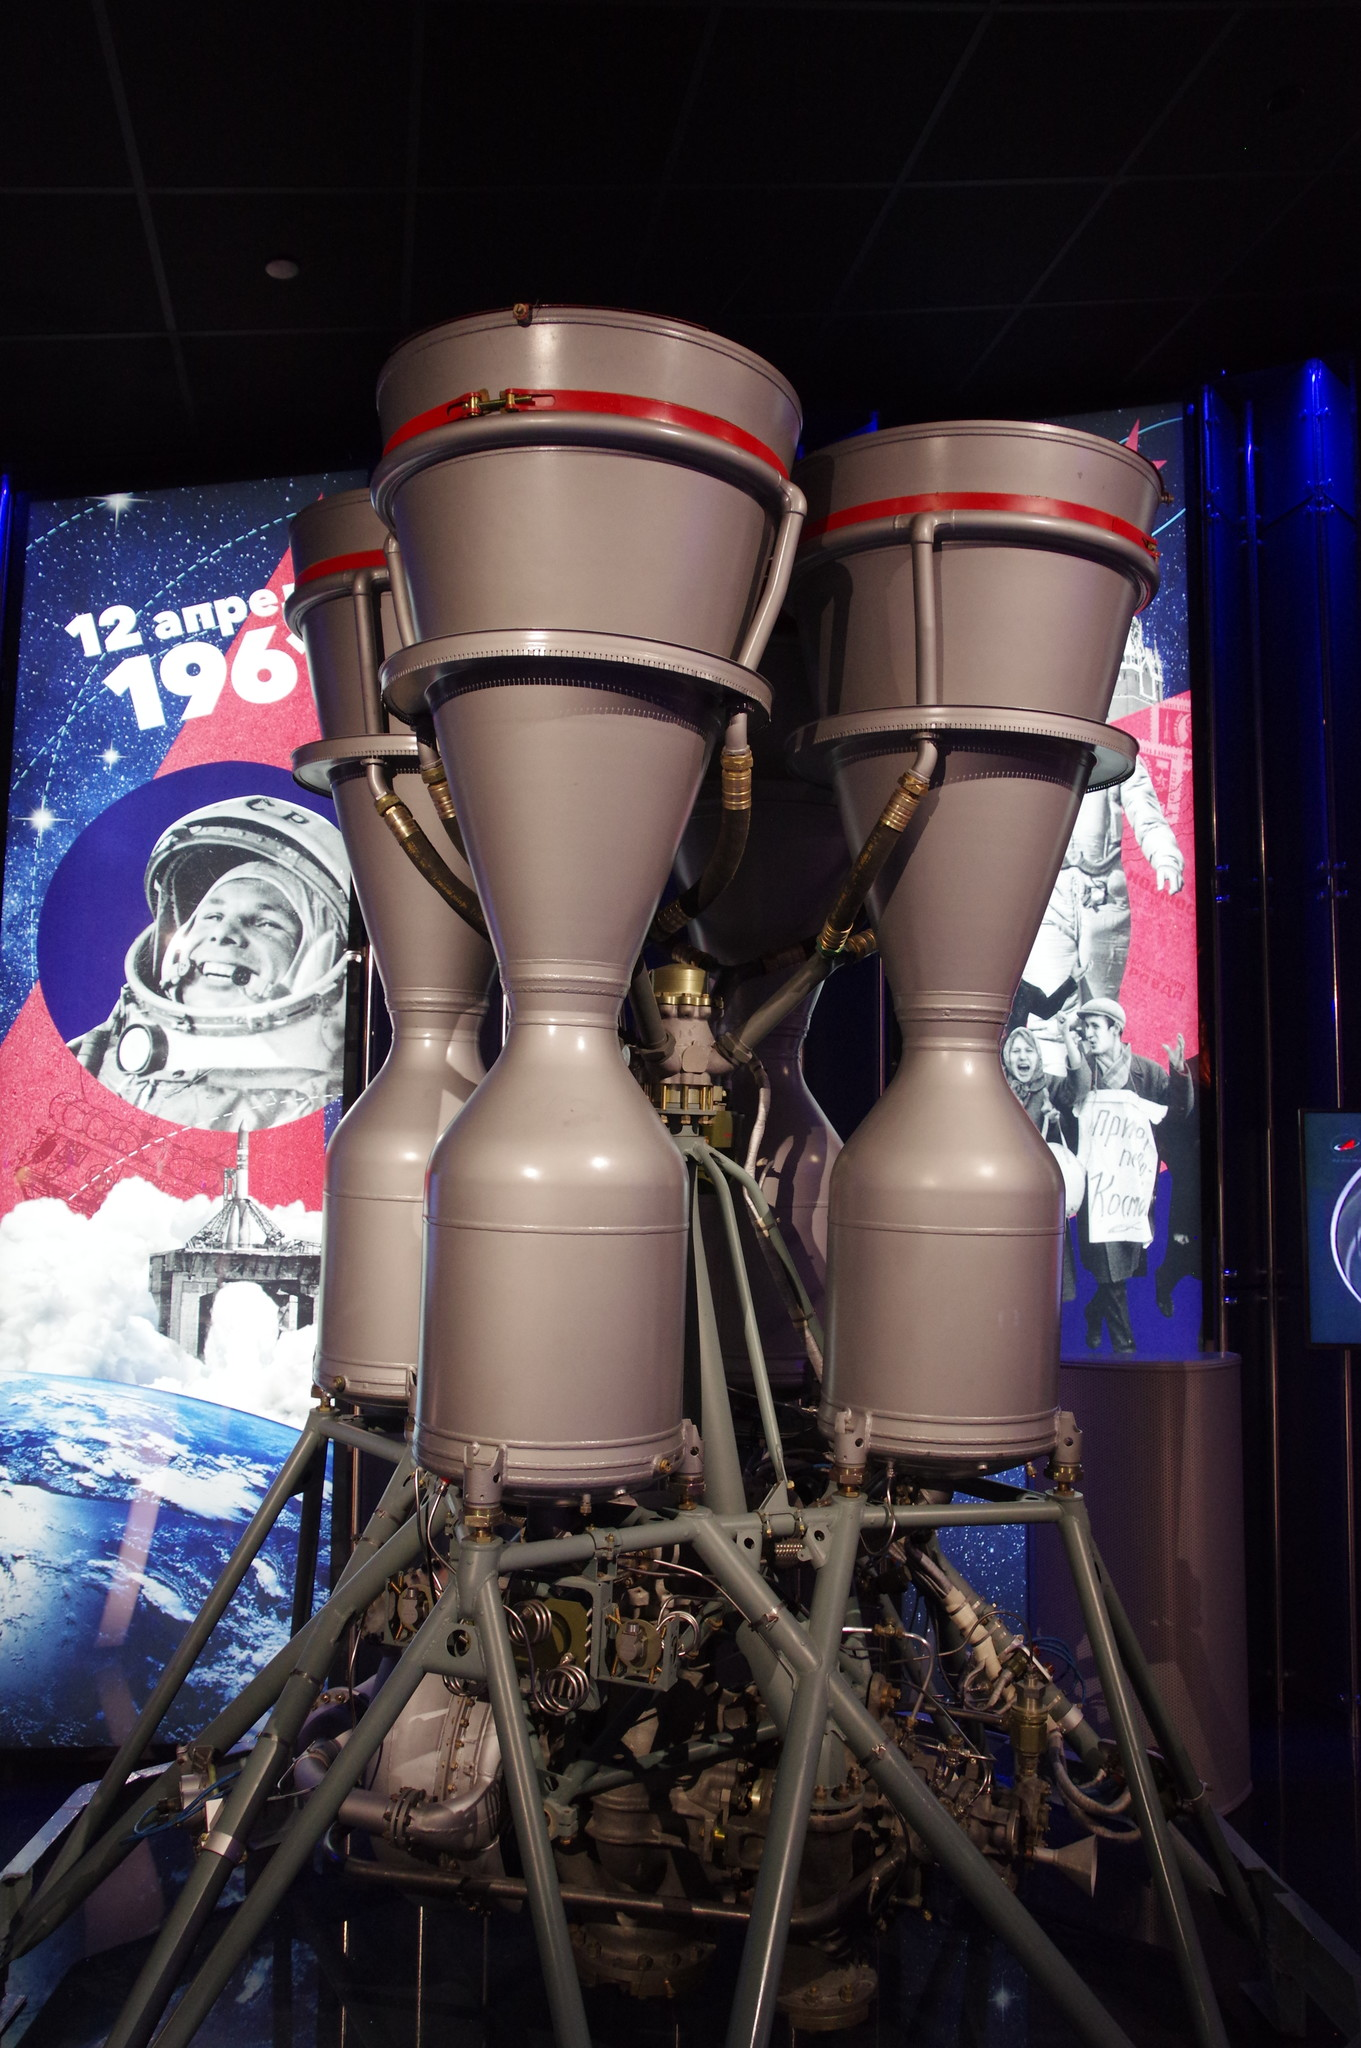 Жидкостный ракетный двигатель РД-107 для первой ступени ракеты-носителя «Восток» (Технологический дубликат). Мемориальный музей космонавтики (Проспект мира, дом 111)